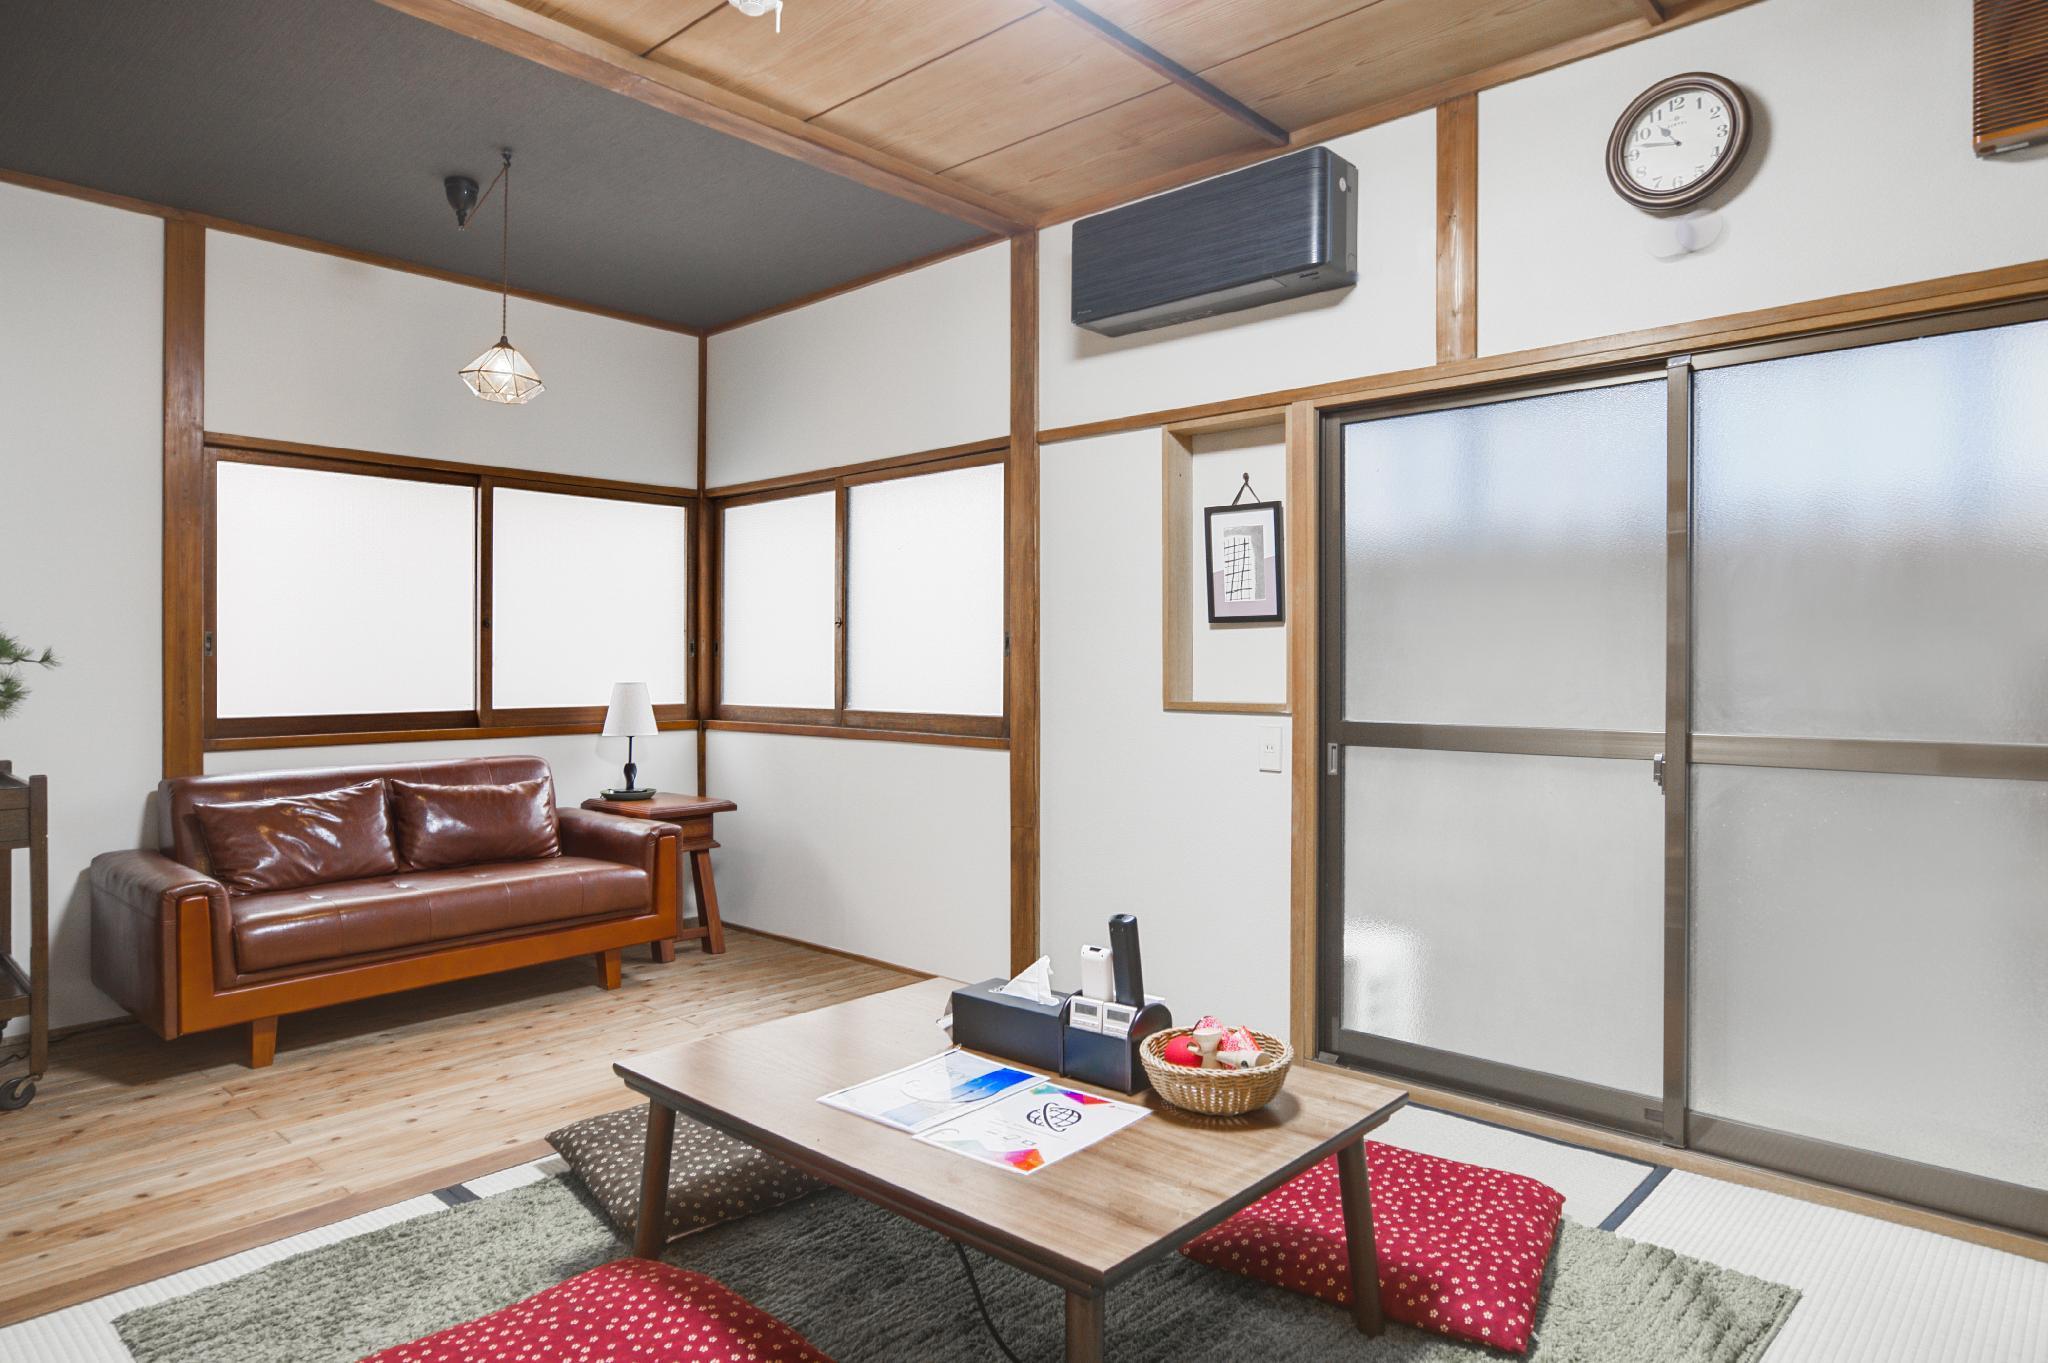 FMC 33258150 TRAD JP House At Iidabashi Tokyo